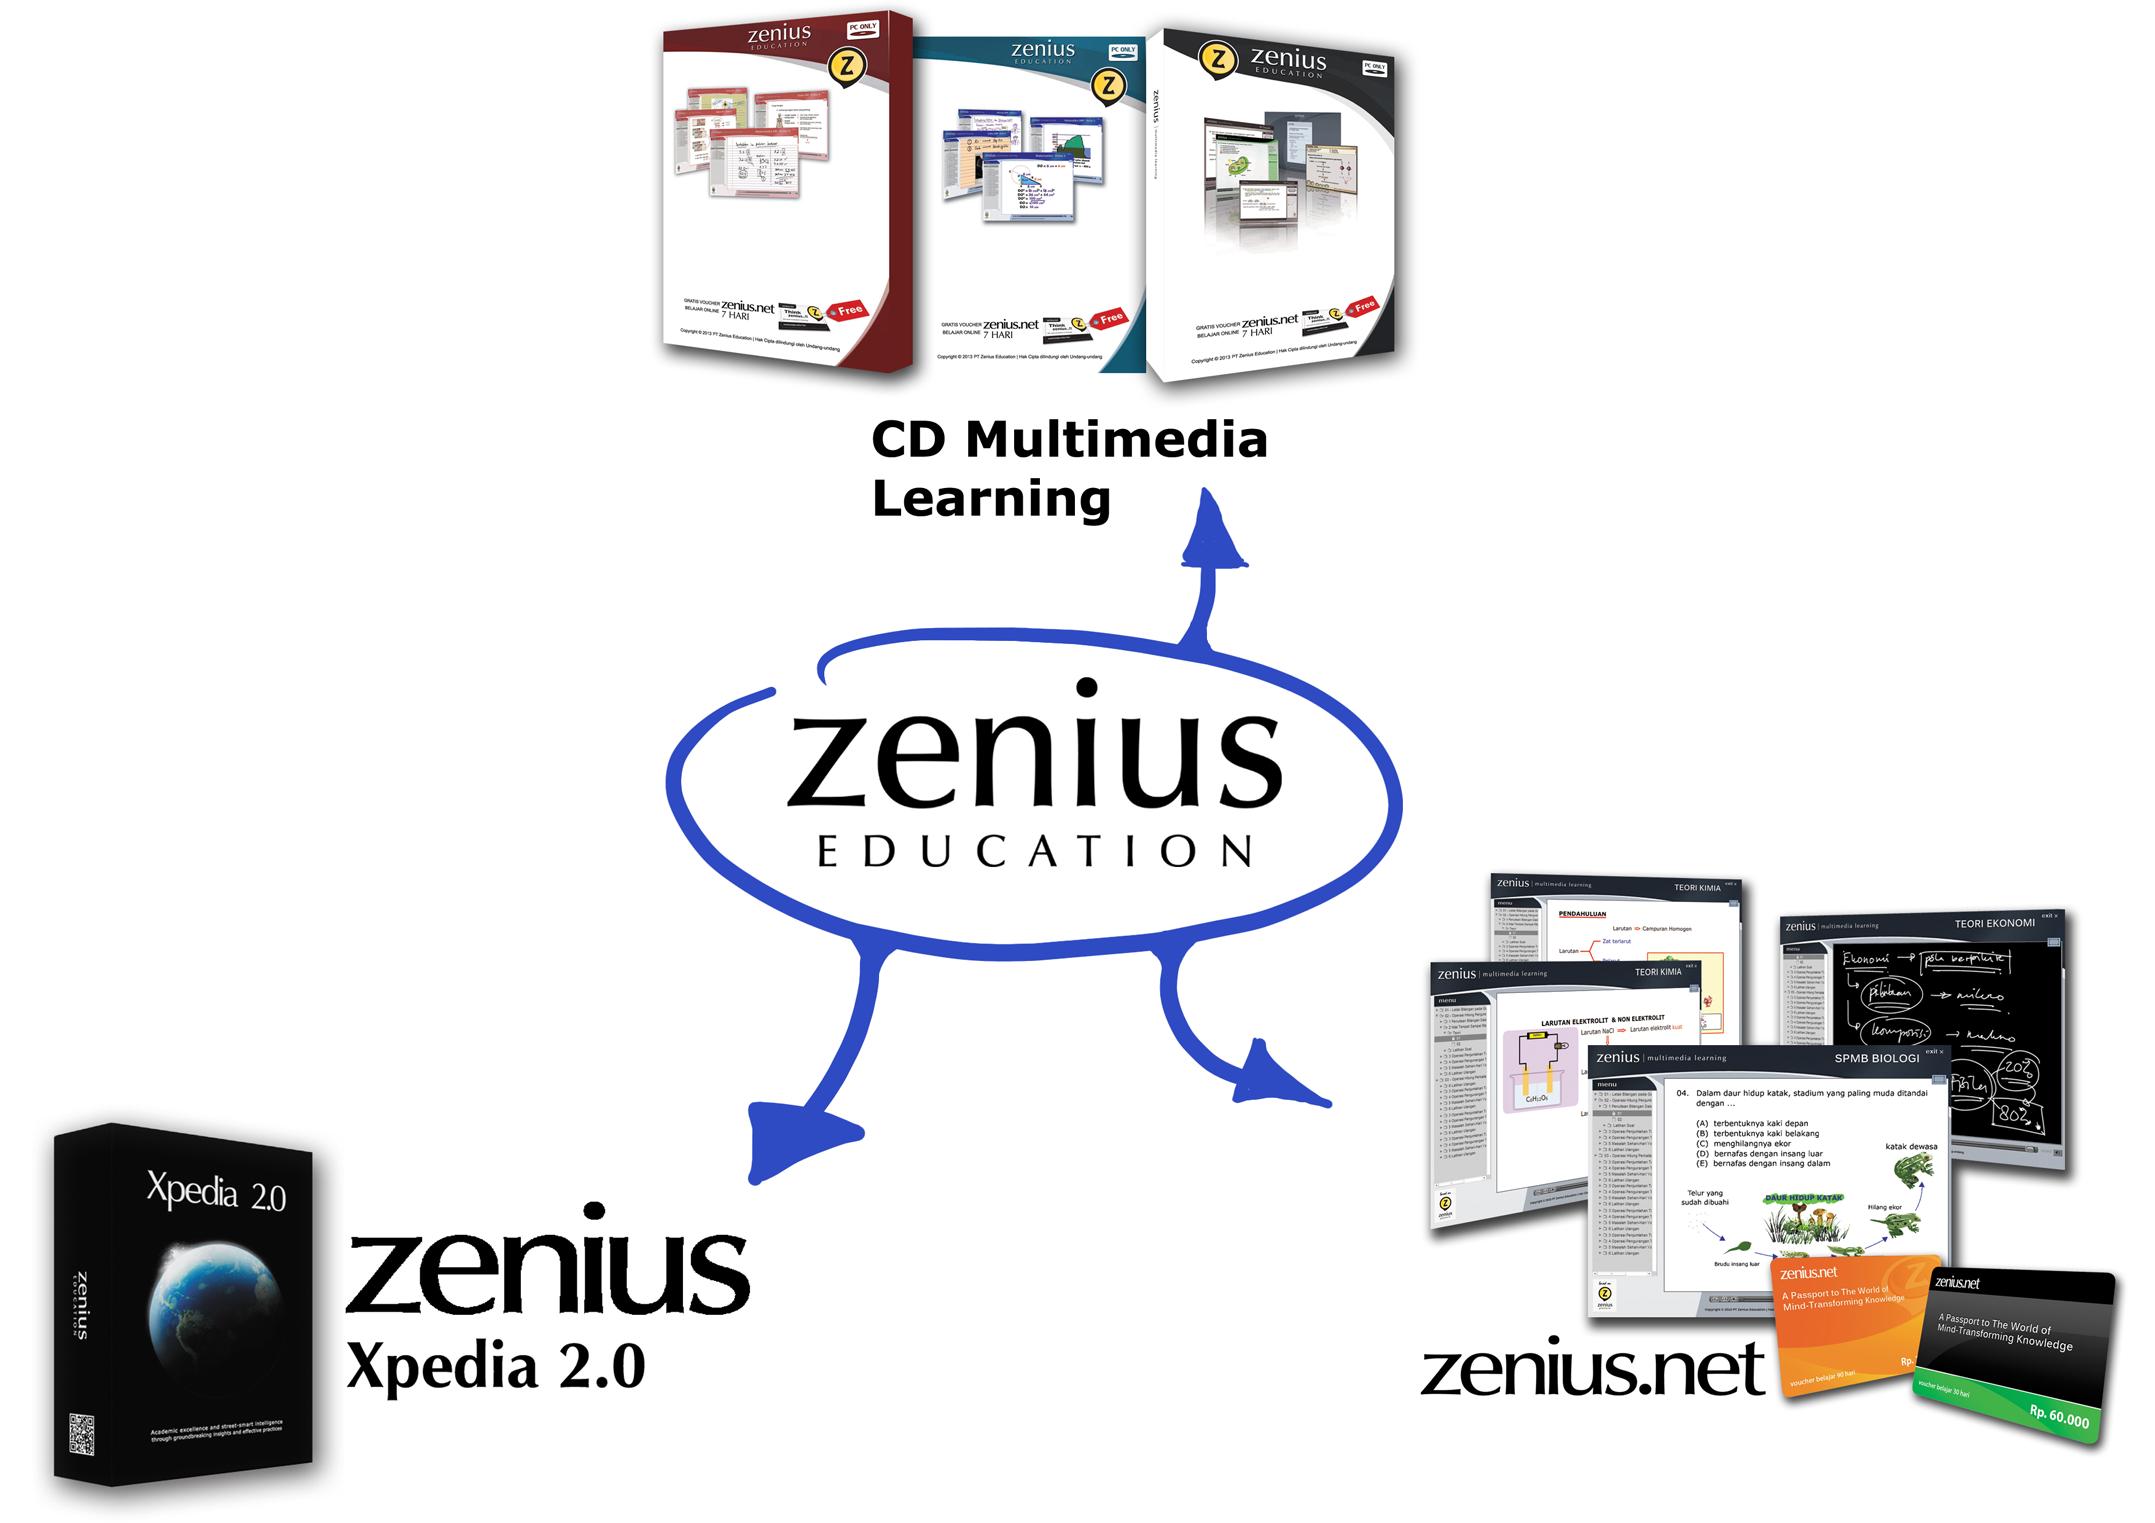 Kalo Belajar Pake Zenius Mending Pake Produk Yg Mana Zeniusblog